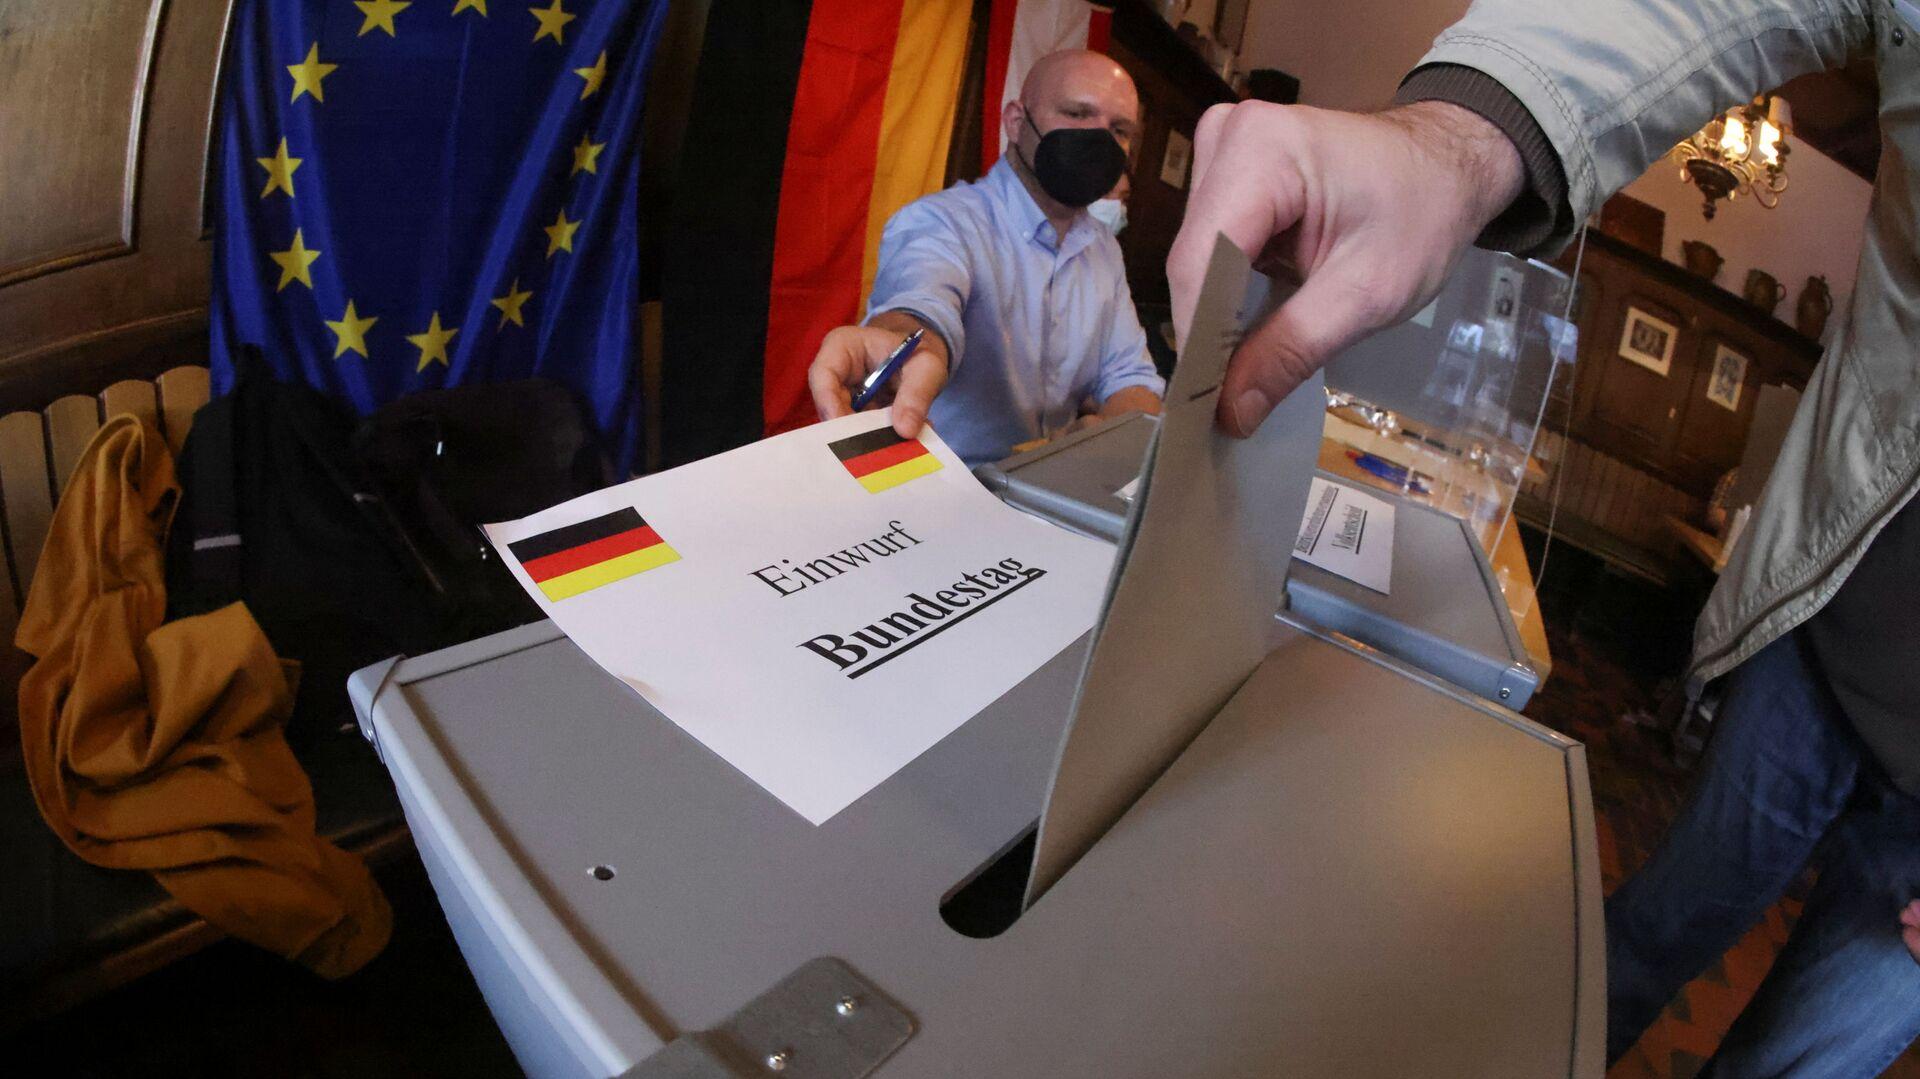 Volby v Německu - Sputnik Česká republika, 1920, 26.09.2021